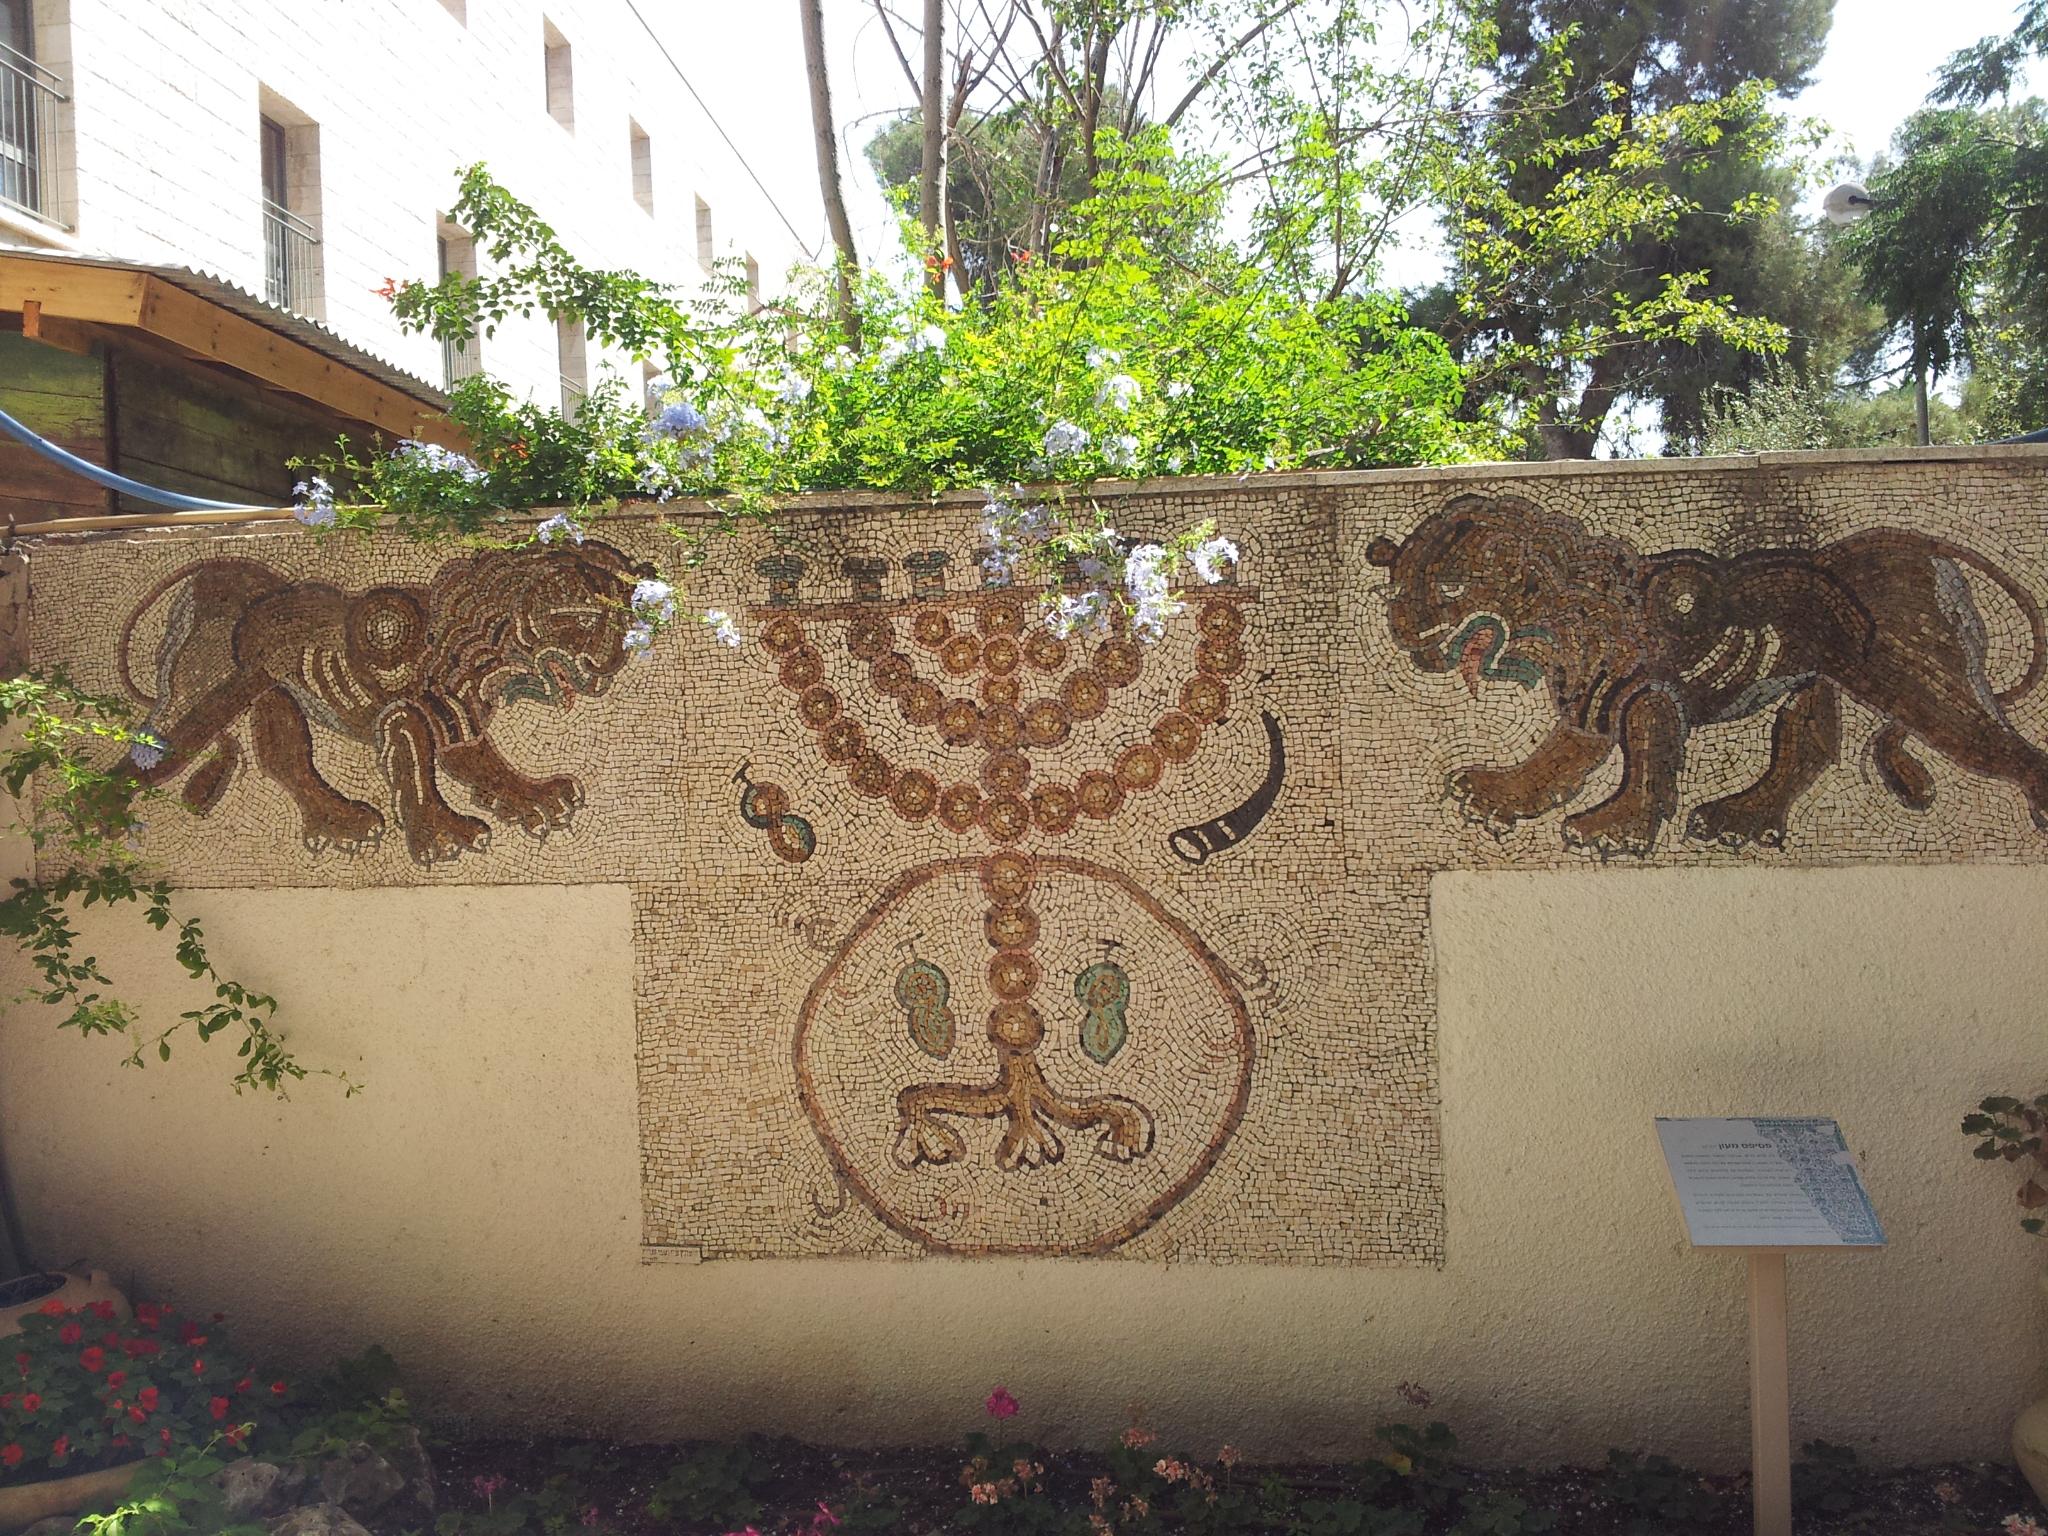 העתק פסיפס מעון במתחם יד יצחק בן-צבי בירושלים. הפסיפס הוא במעון שבמישור הנגב המערבי, ליד קיבוץ נירים